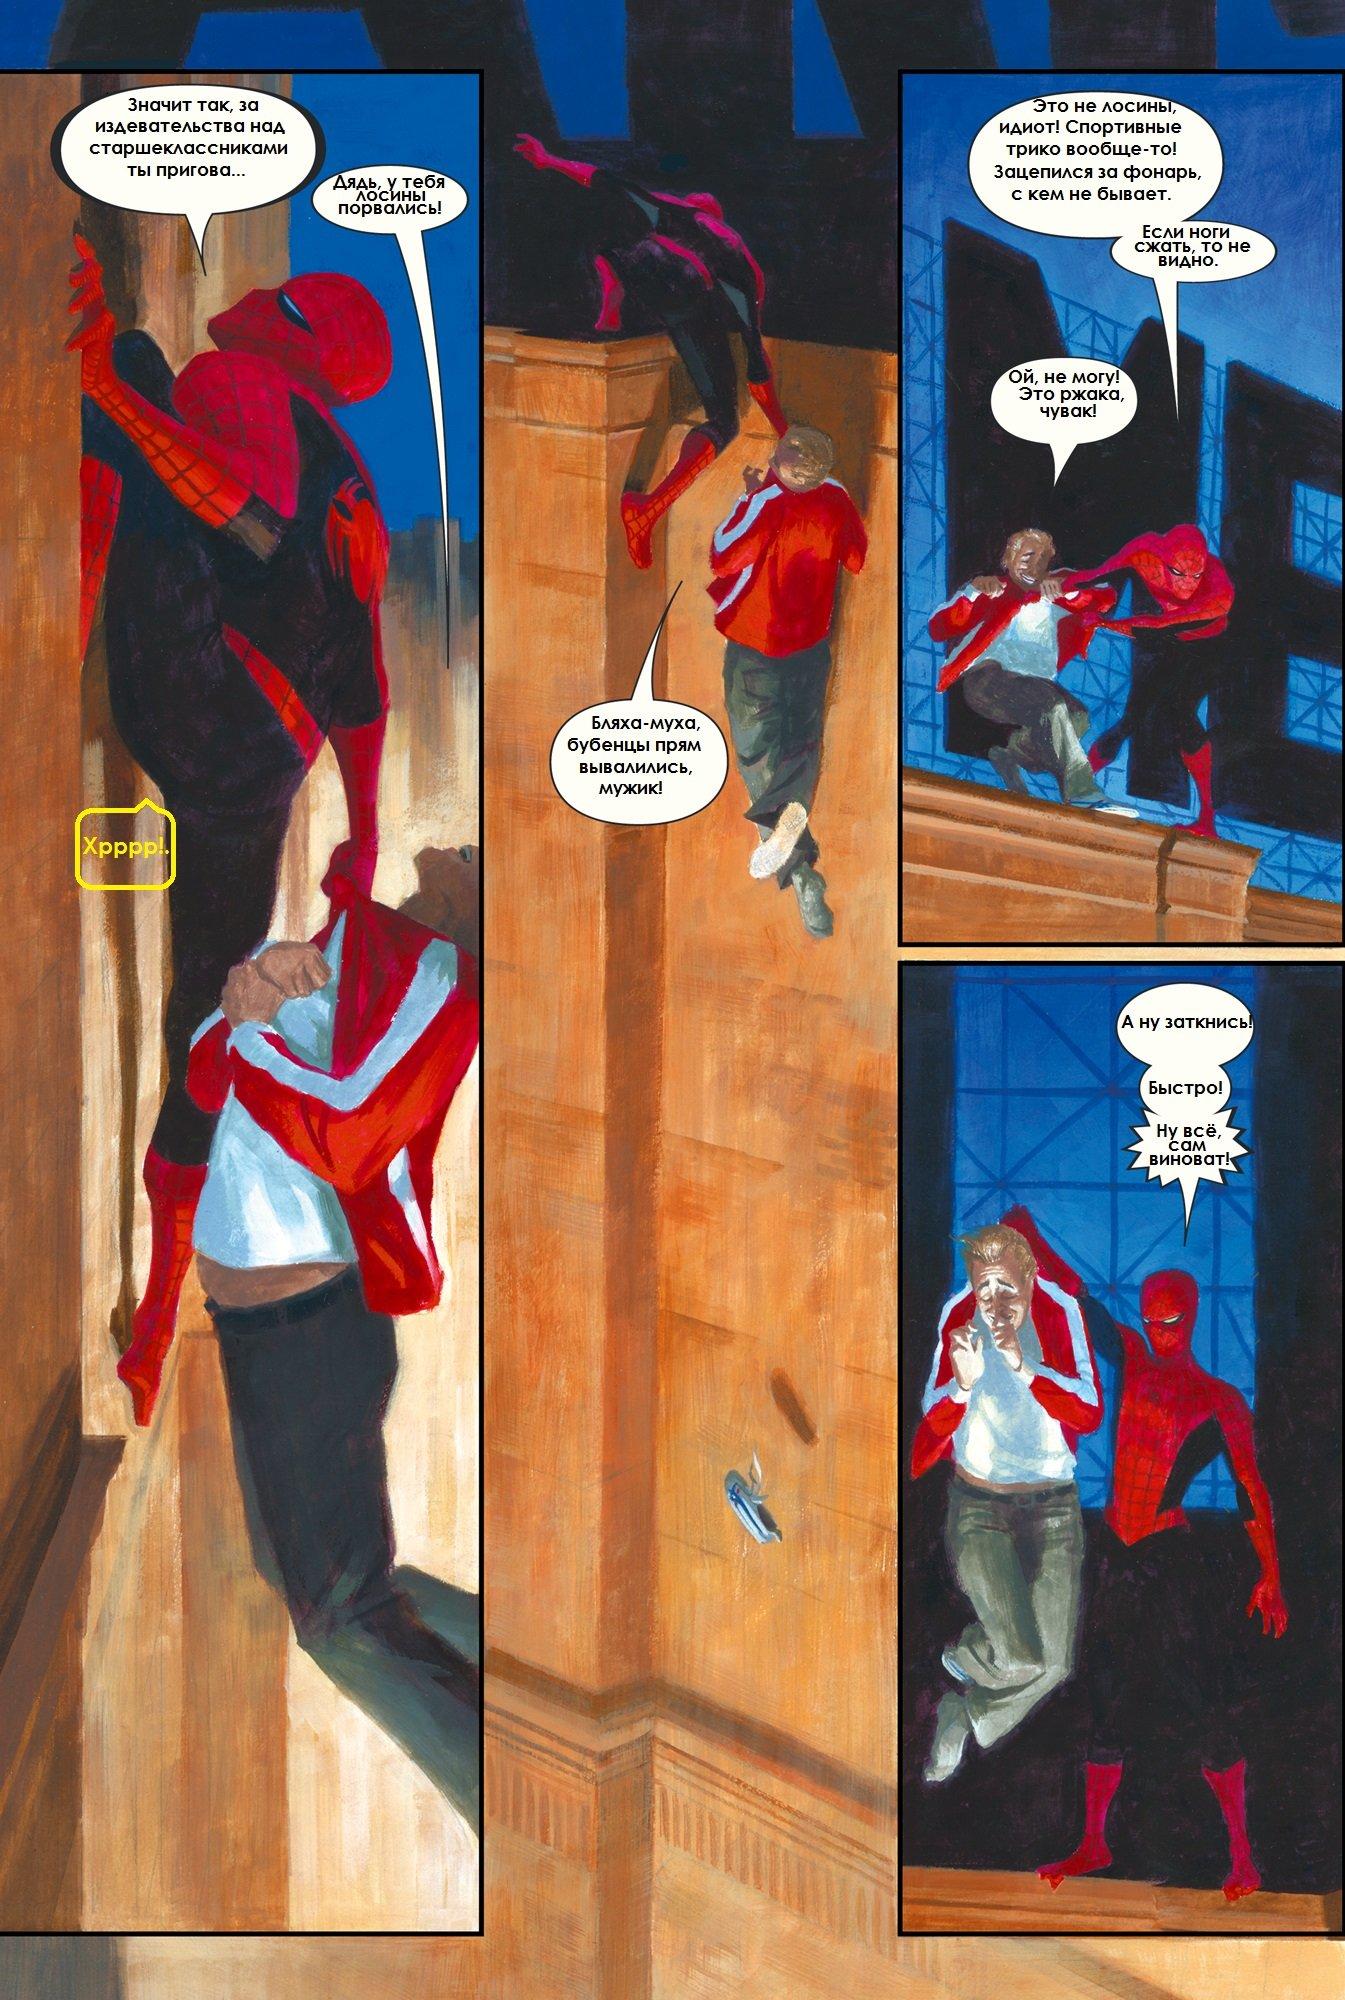 Комикс - Изображение 5